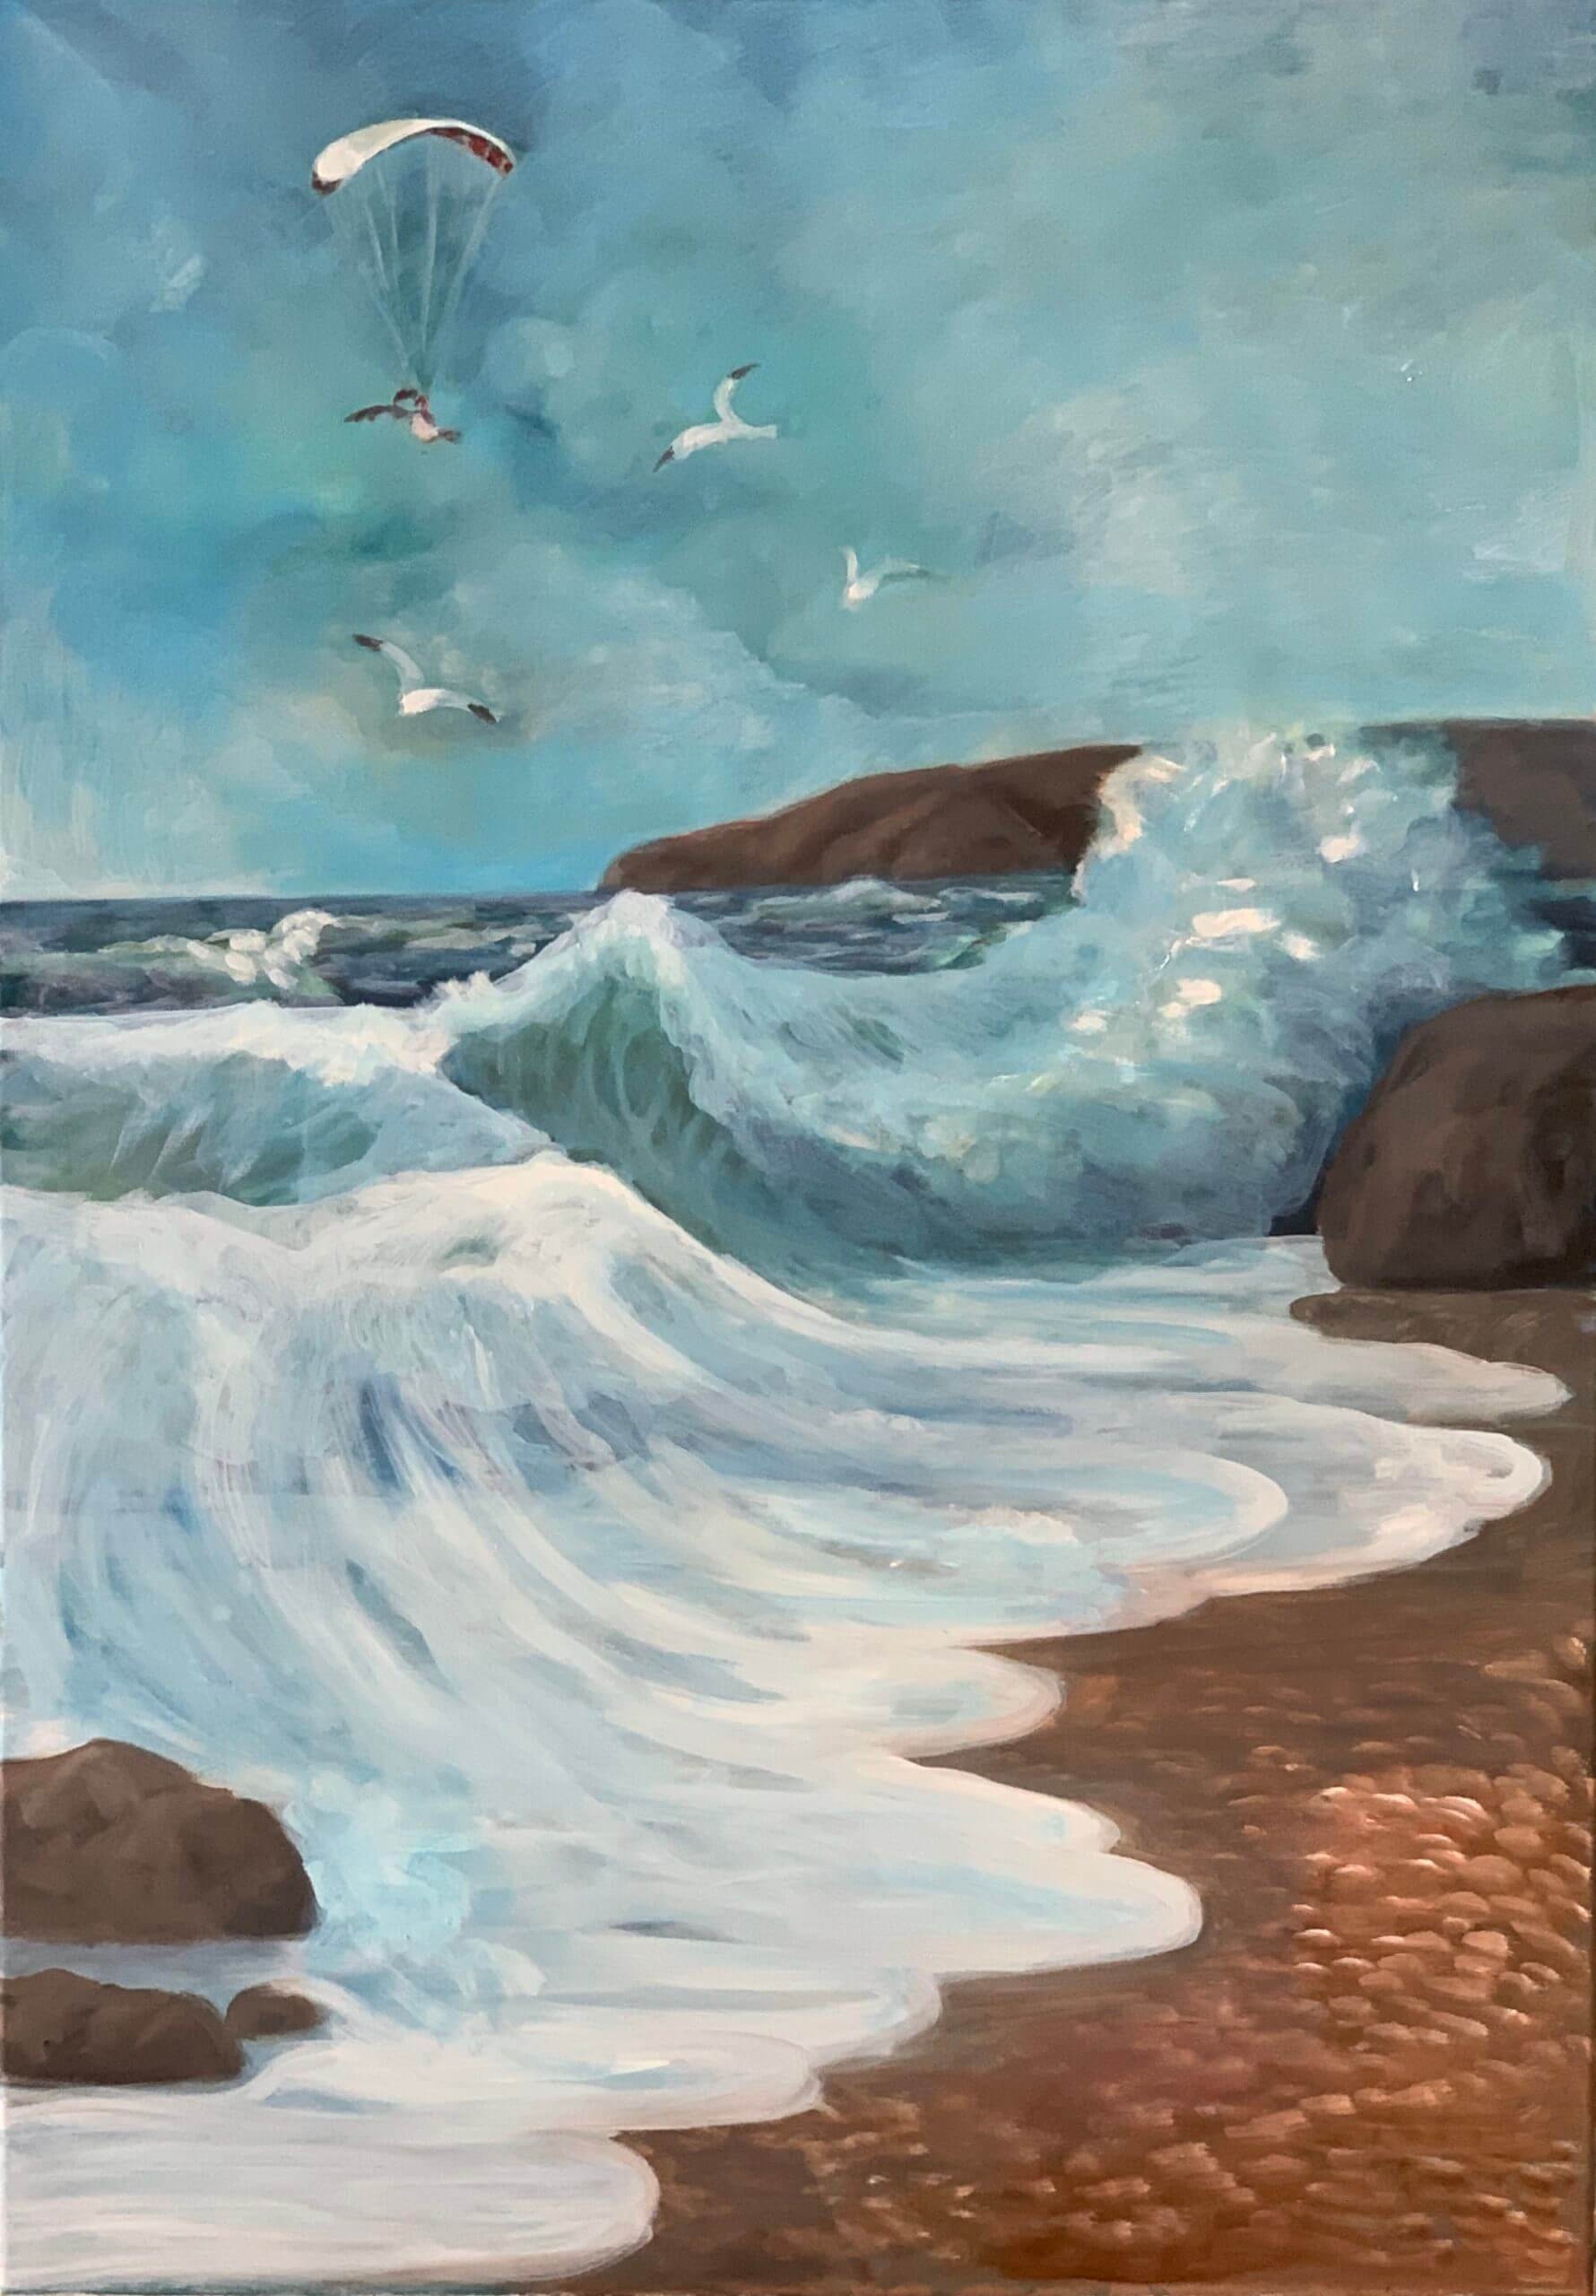 Welle, 70x50 cm, 2020, Öl auf Leinwand Tatjana Meier